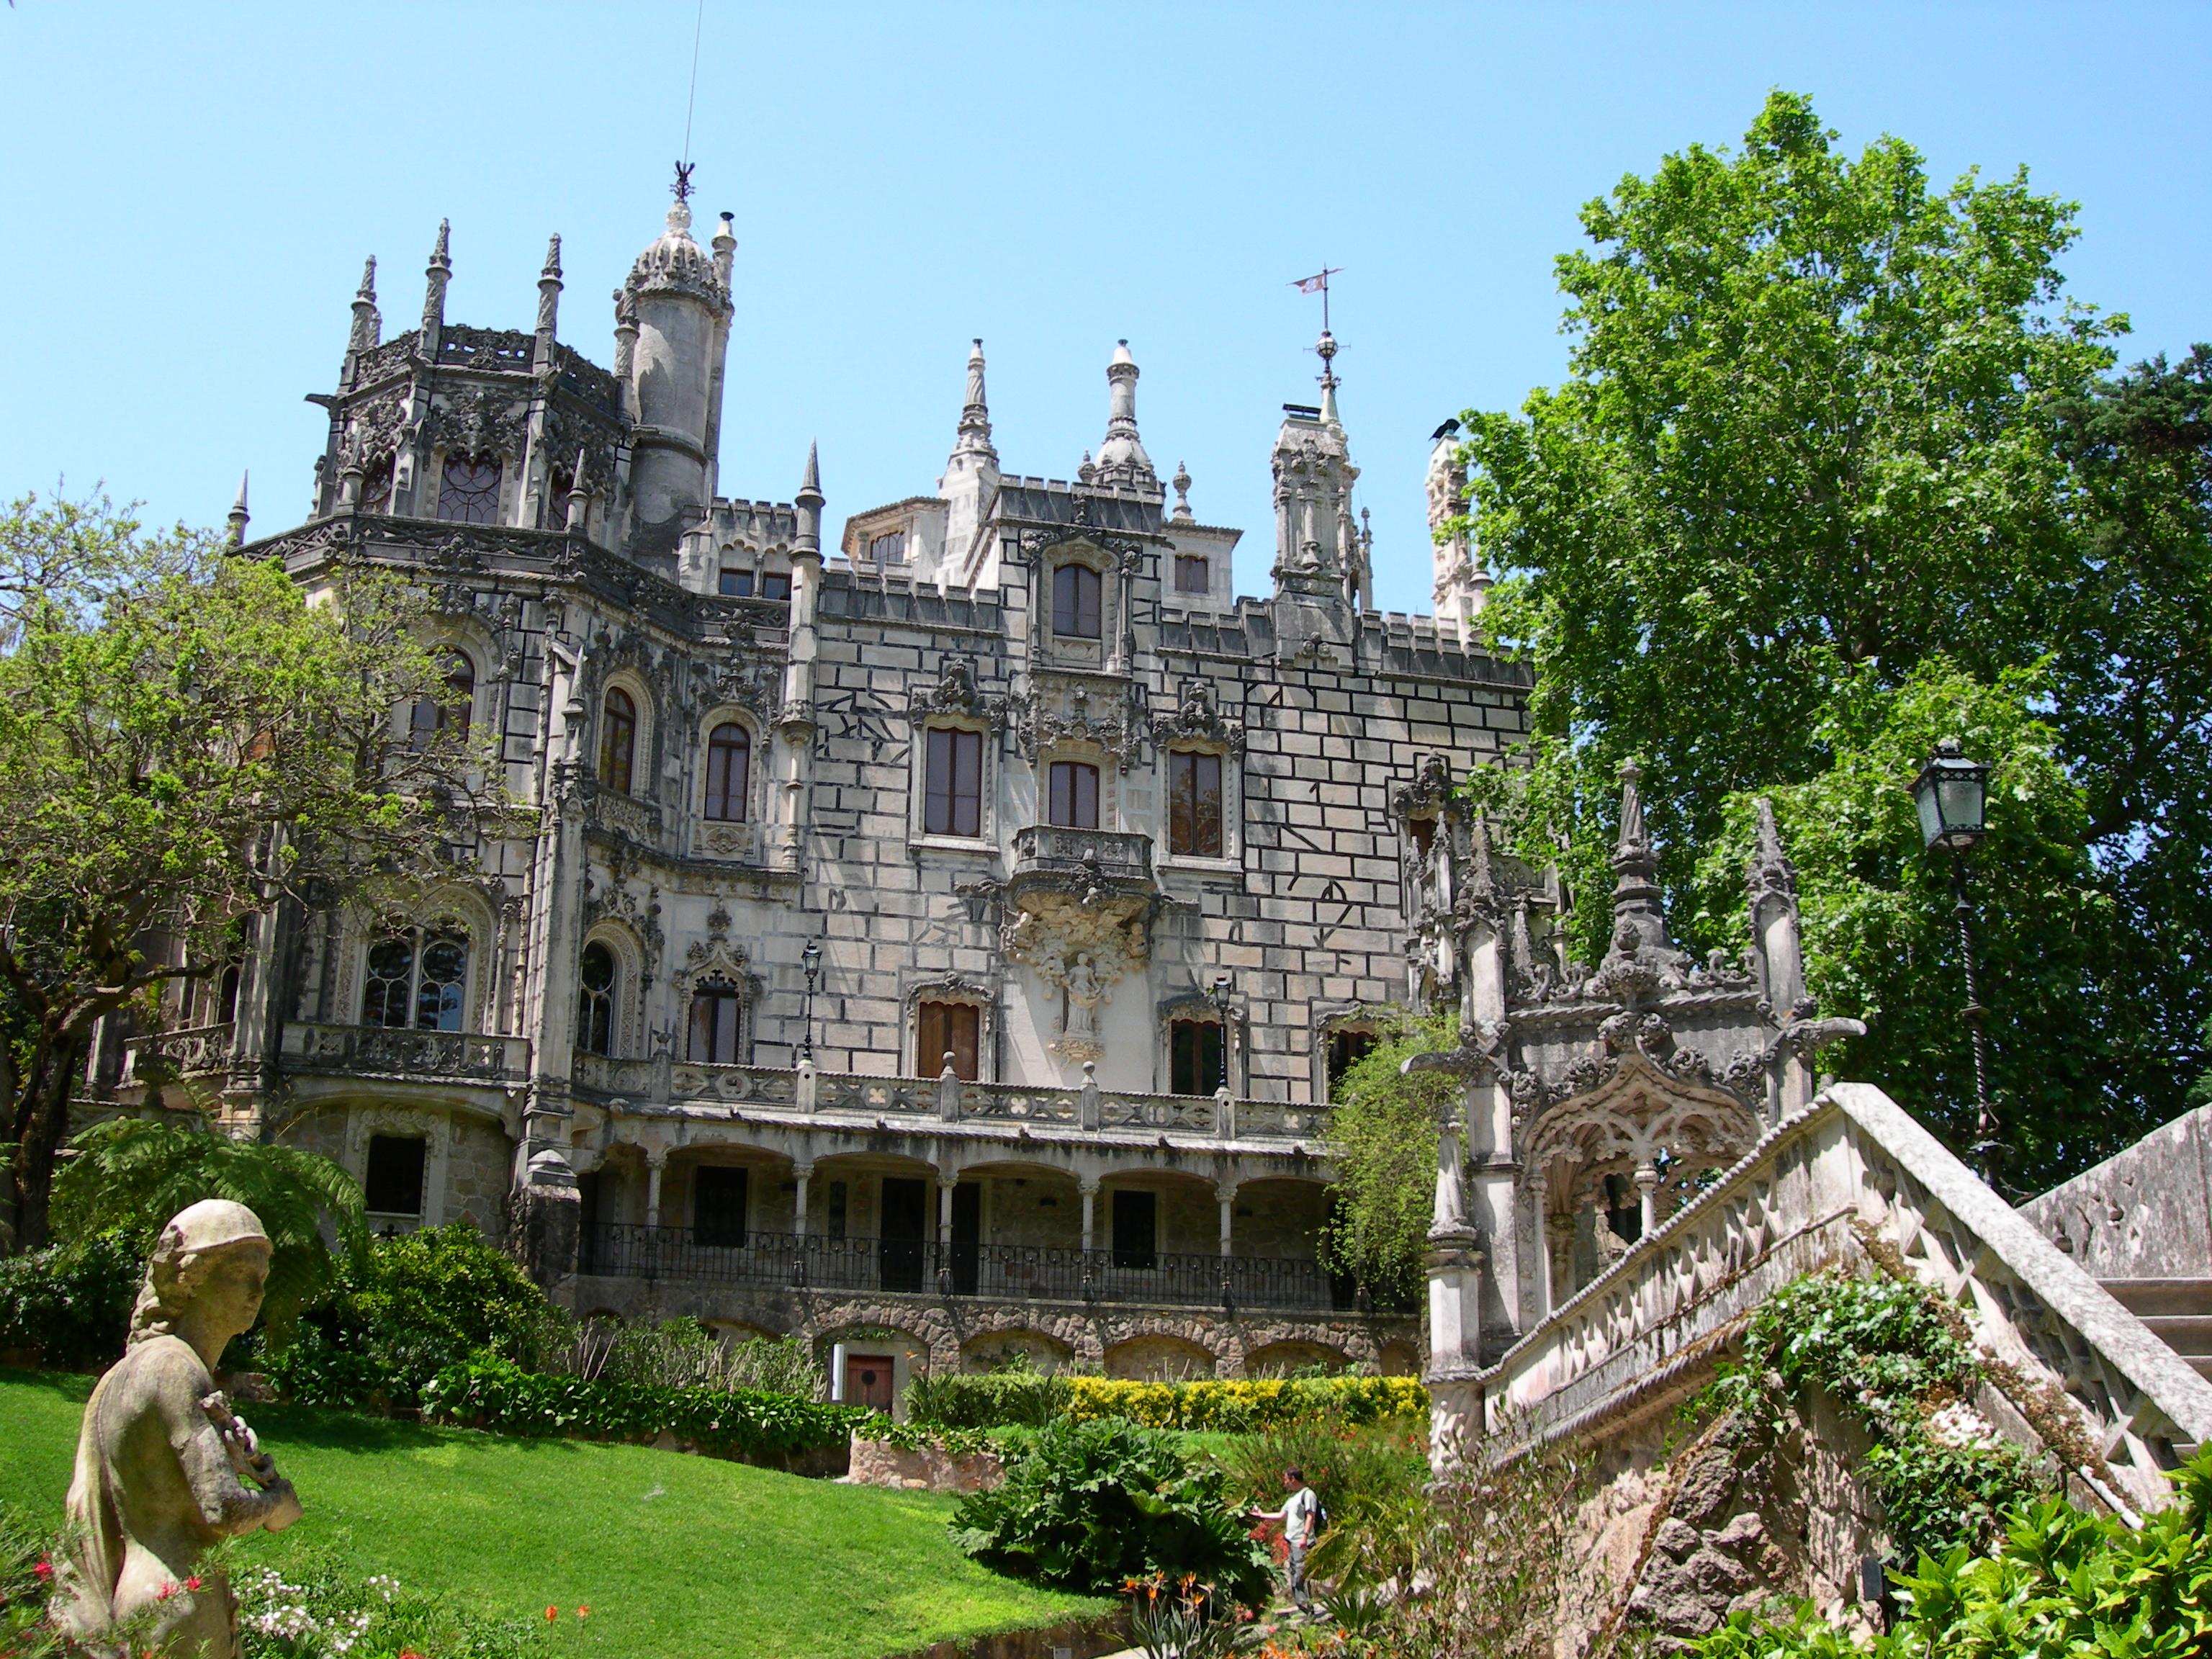 Palacio e Quinta da Regaleira